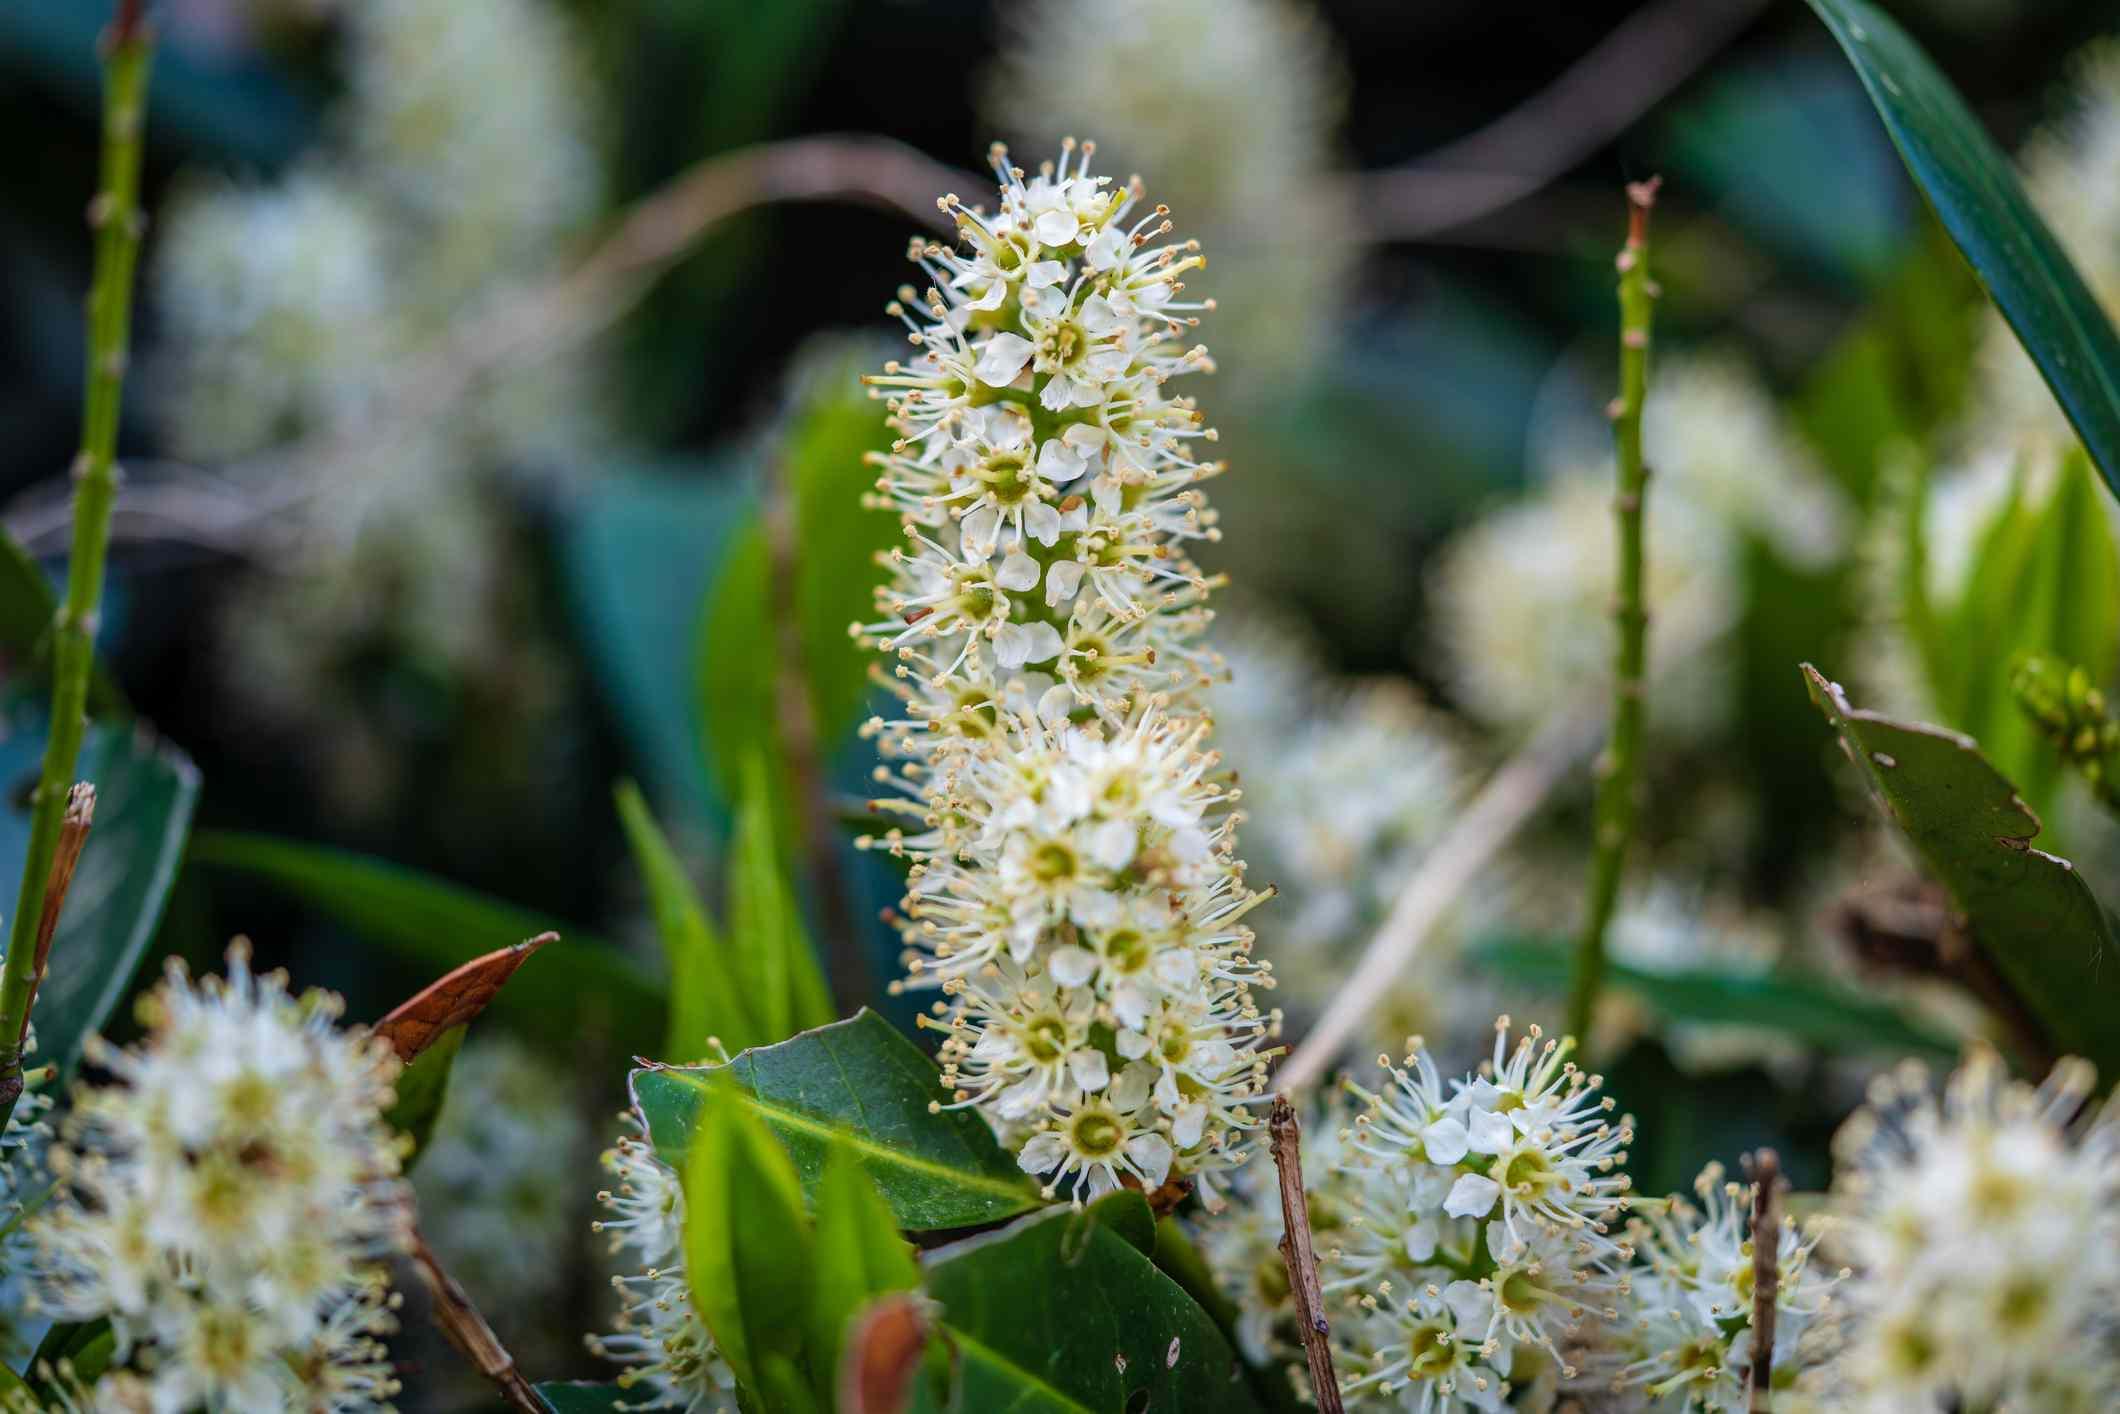 Cherry Laurel or Common Laurel (Prunus laurocerasus)